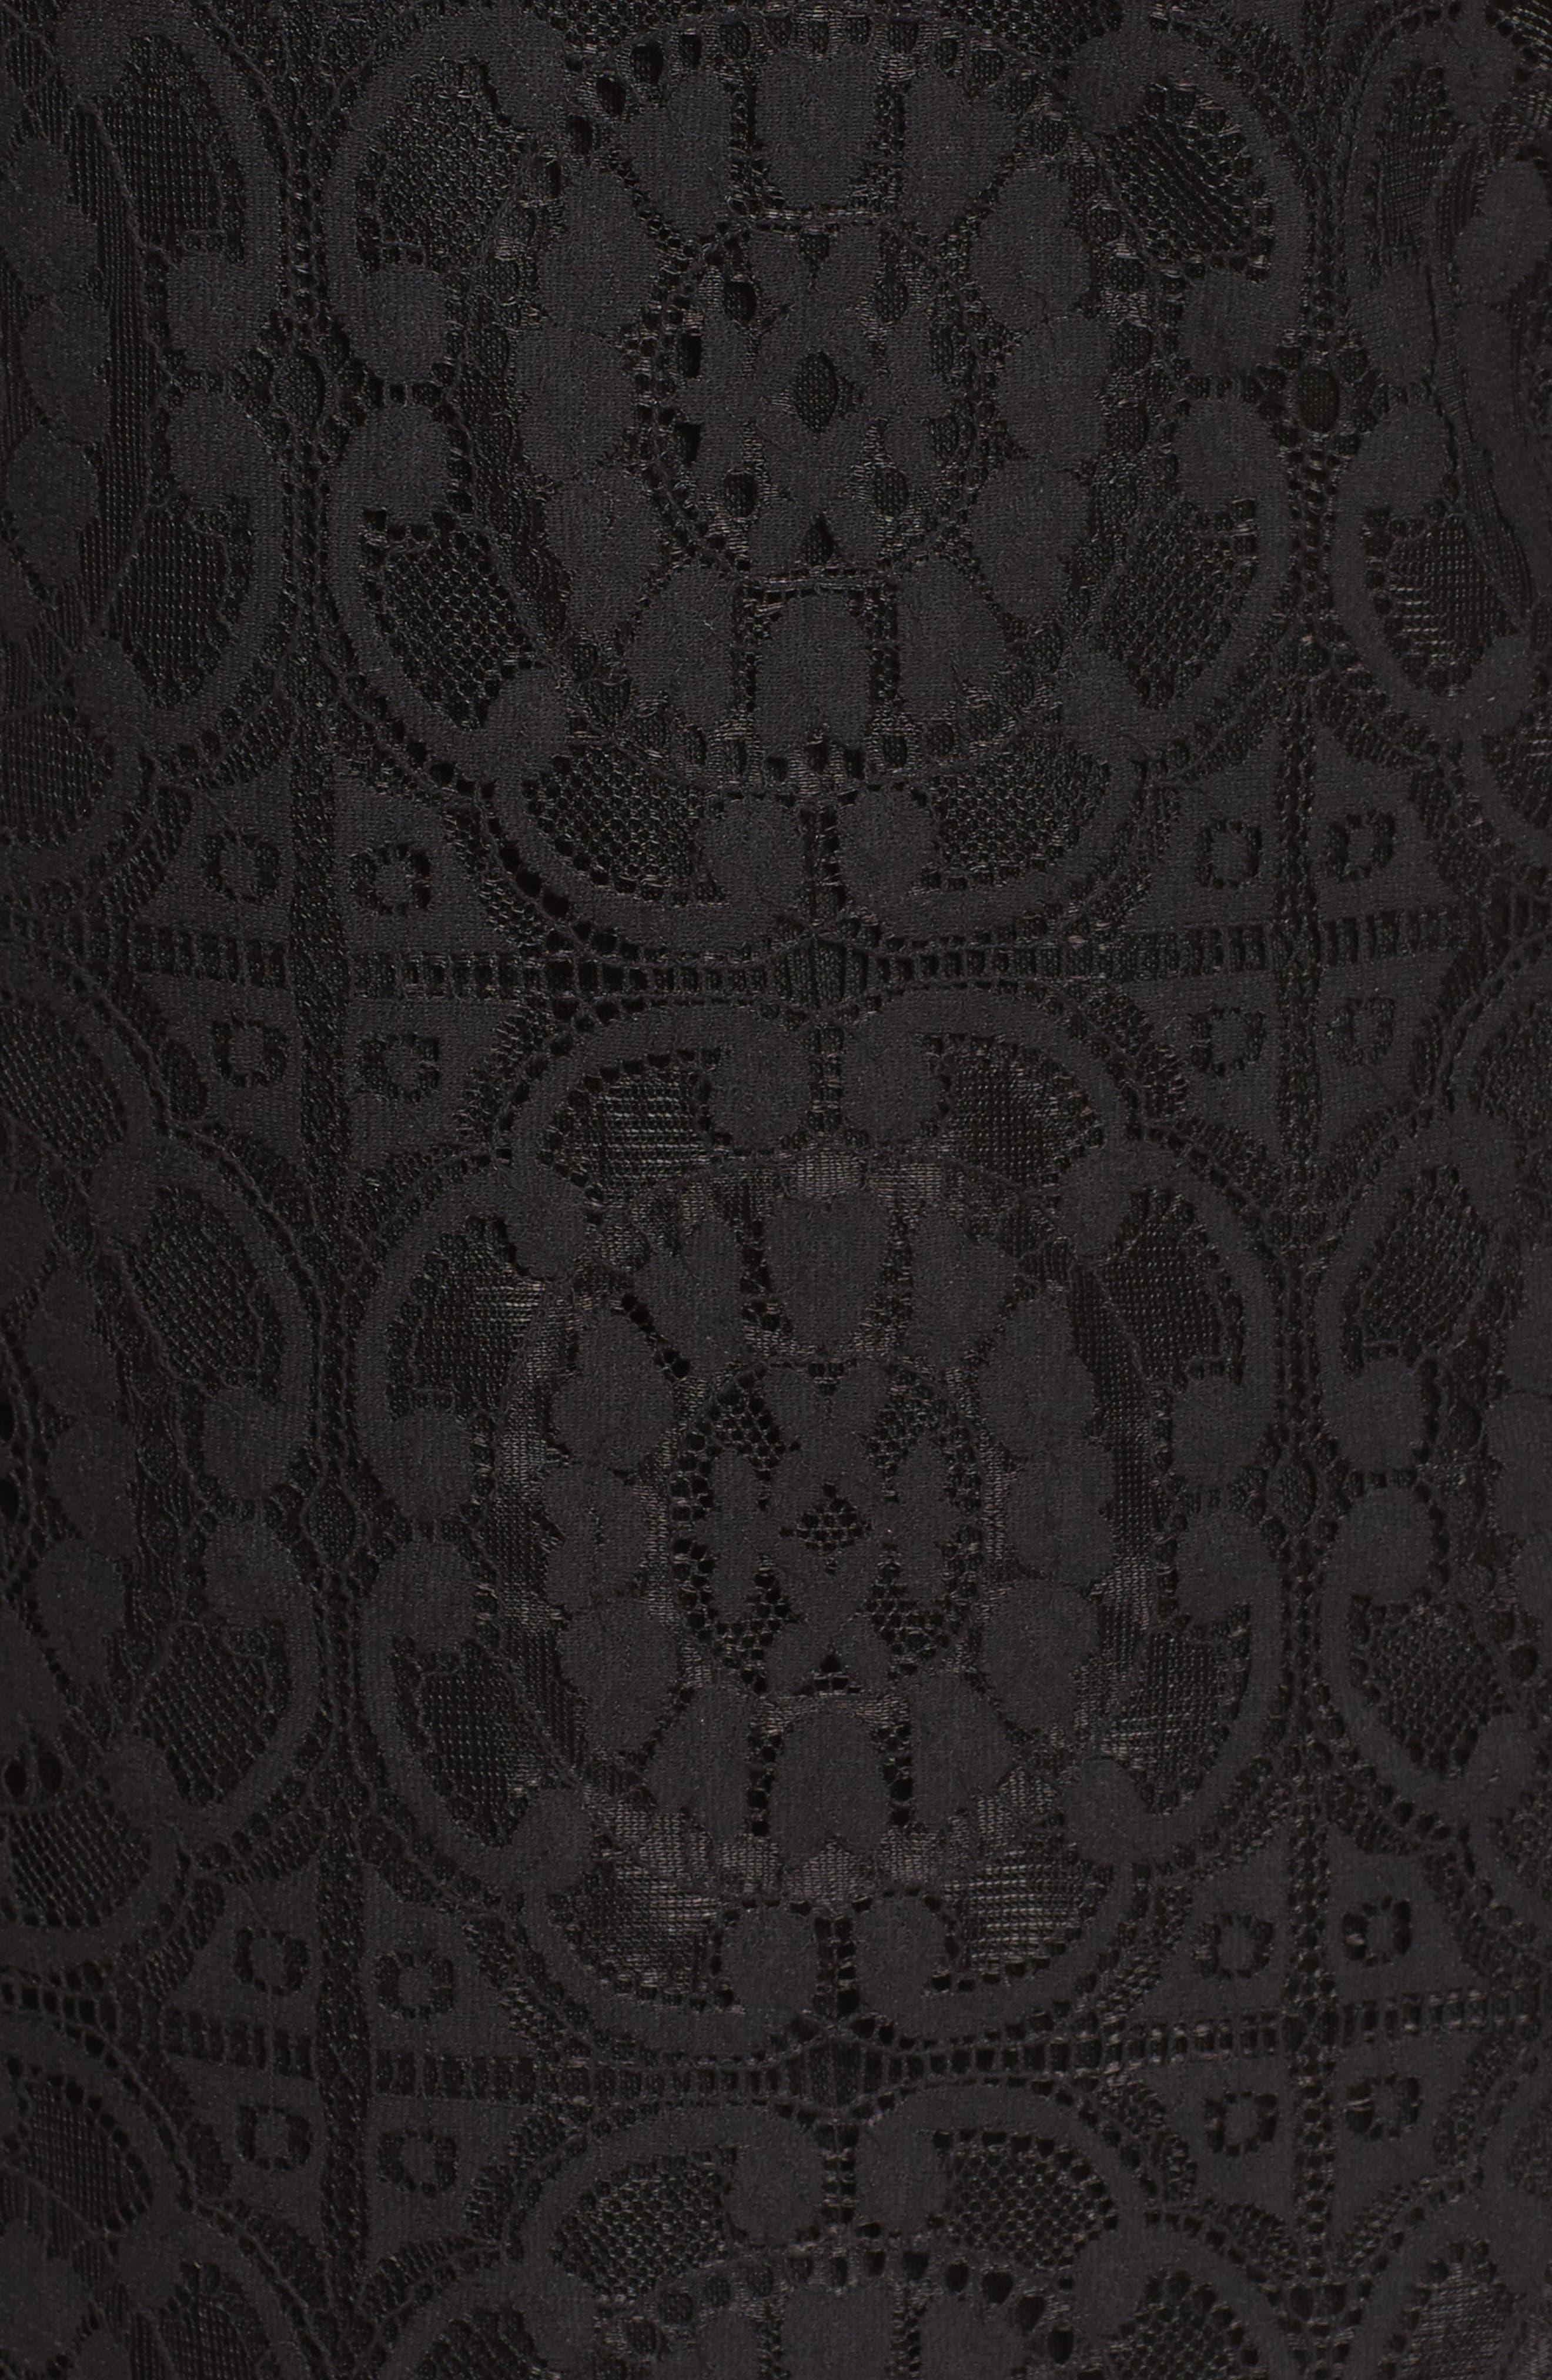 Lace A-Line Dress,                             Alternate thumbnail 5, color,                             Black